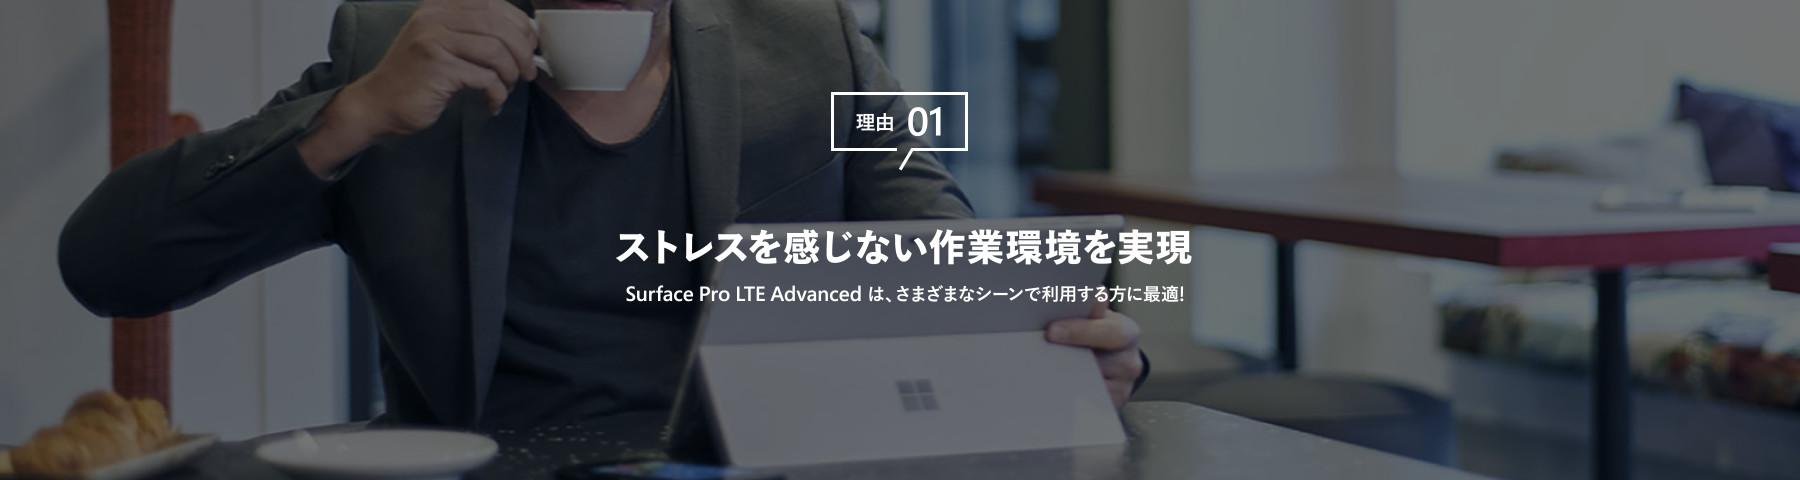 理由 01 ストレスを感じない作業環境を実現 Surface Pro LTE Advanced は、さまざまなシーンで利用する方に最適!